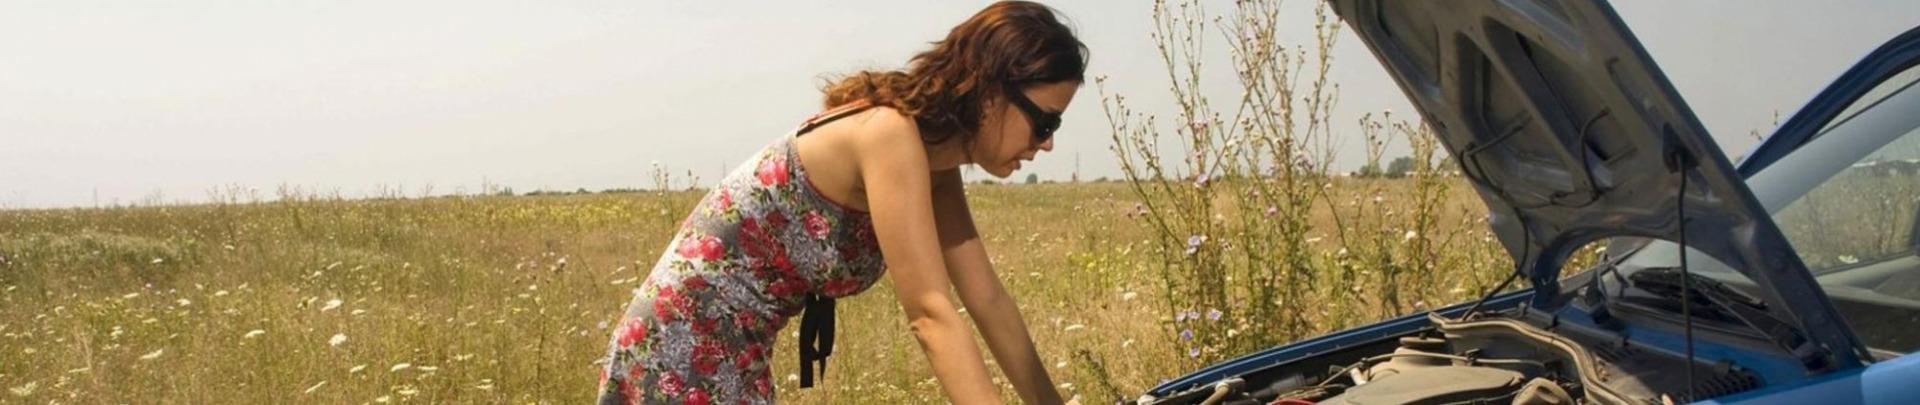 Vrouw staat met autopech langs de weg